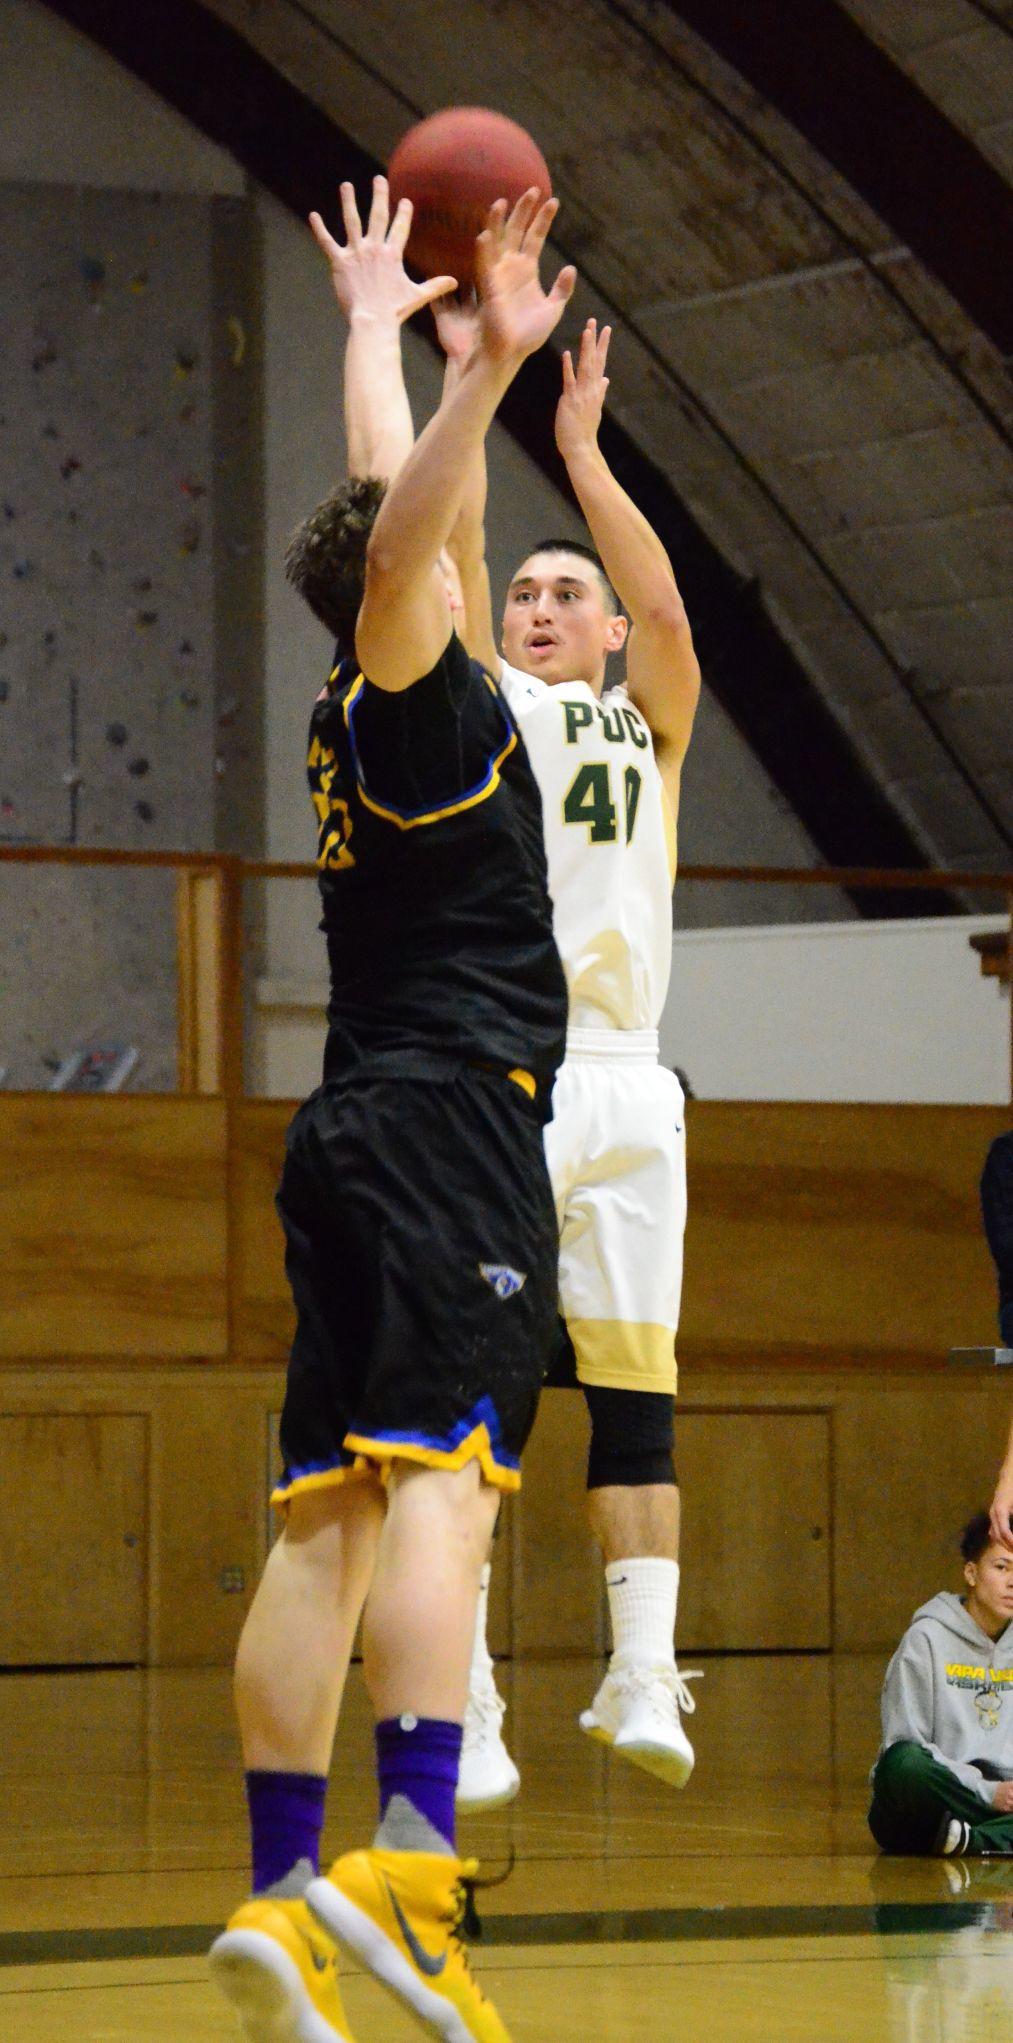 PUC Basketball